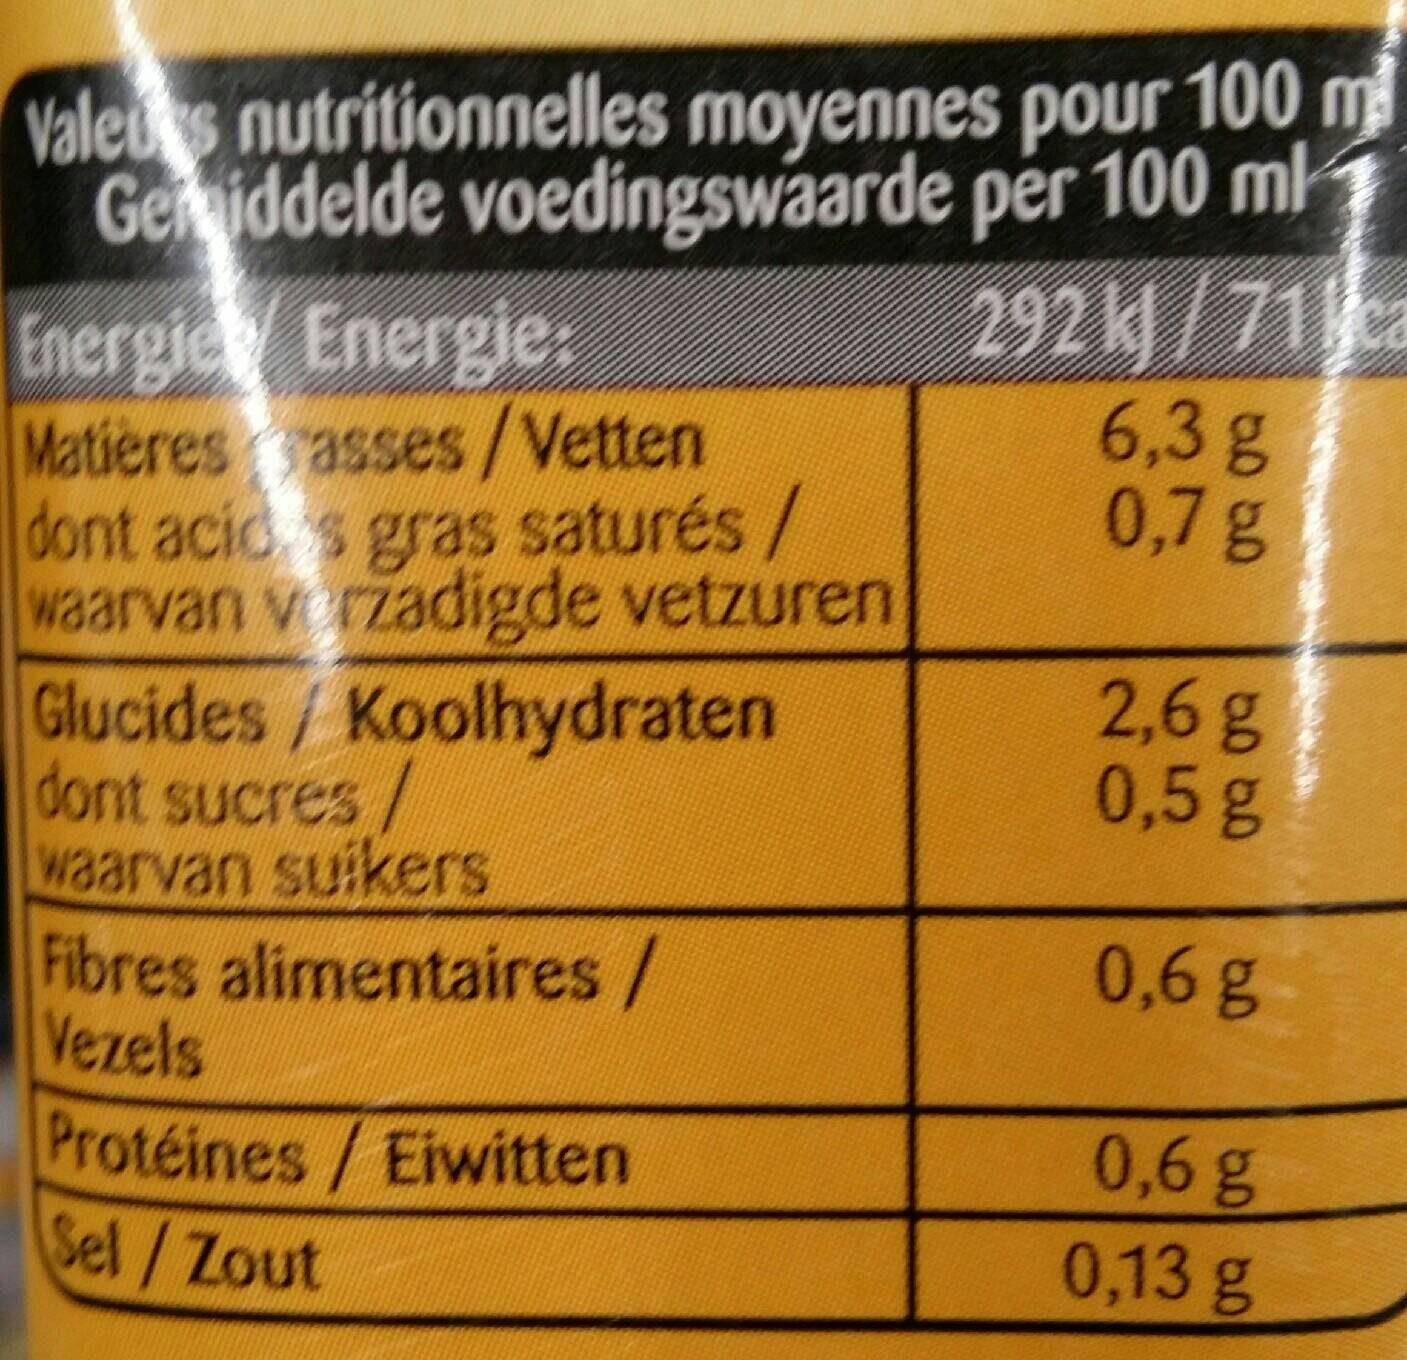 Avoine cuisine - Informations nutritionnelles - fr